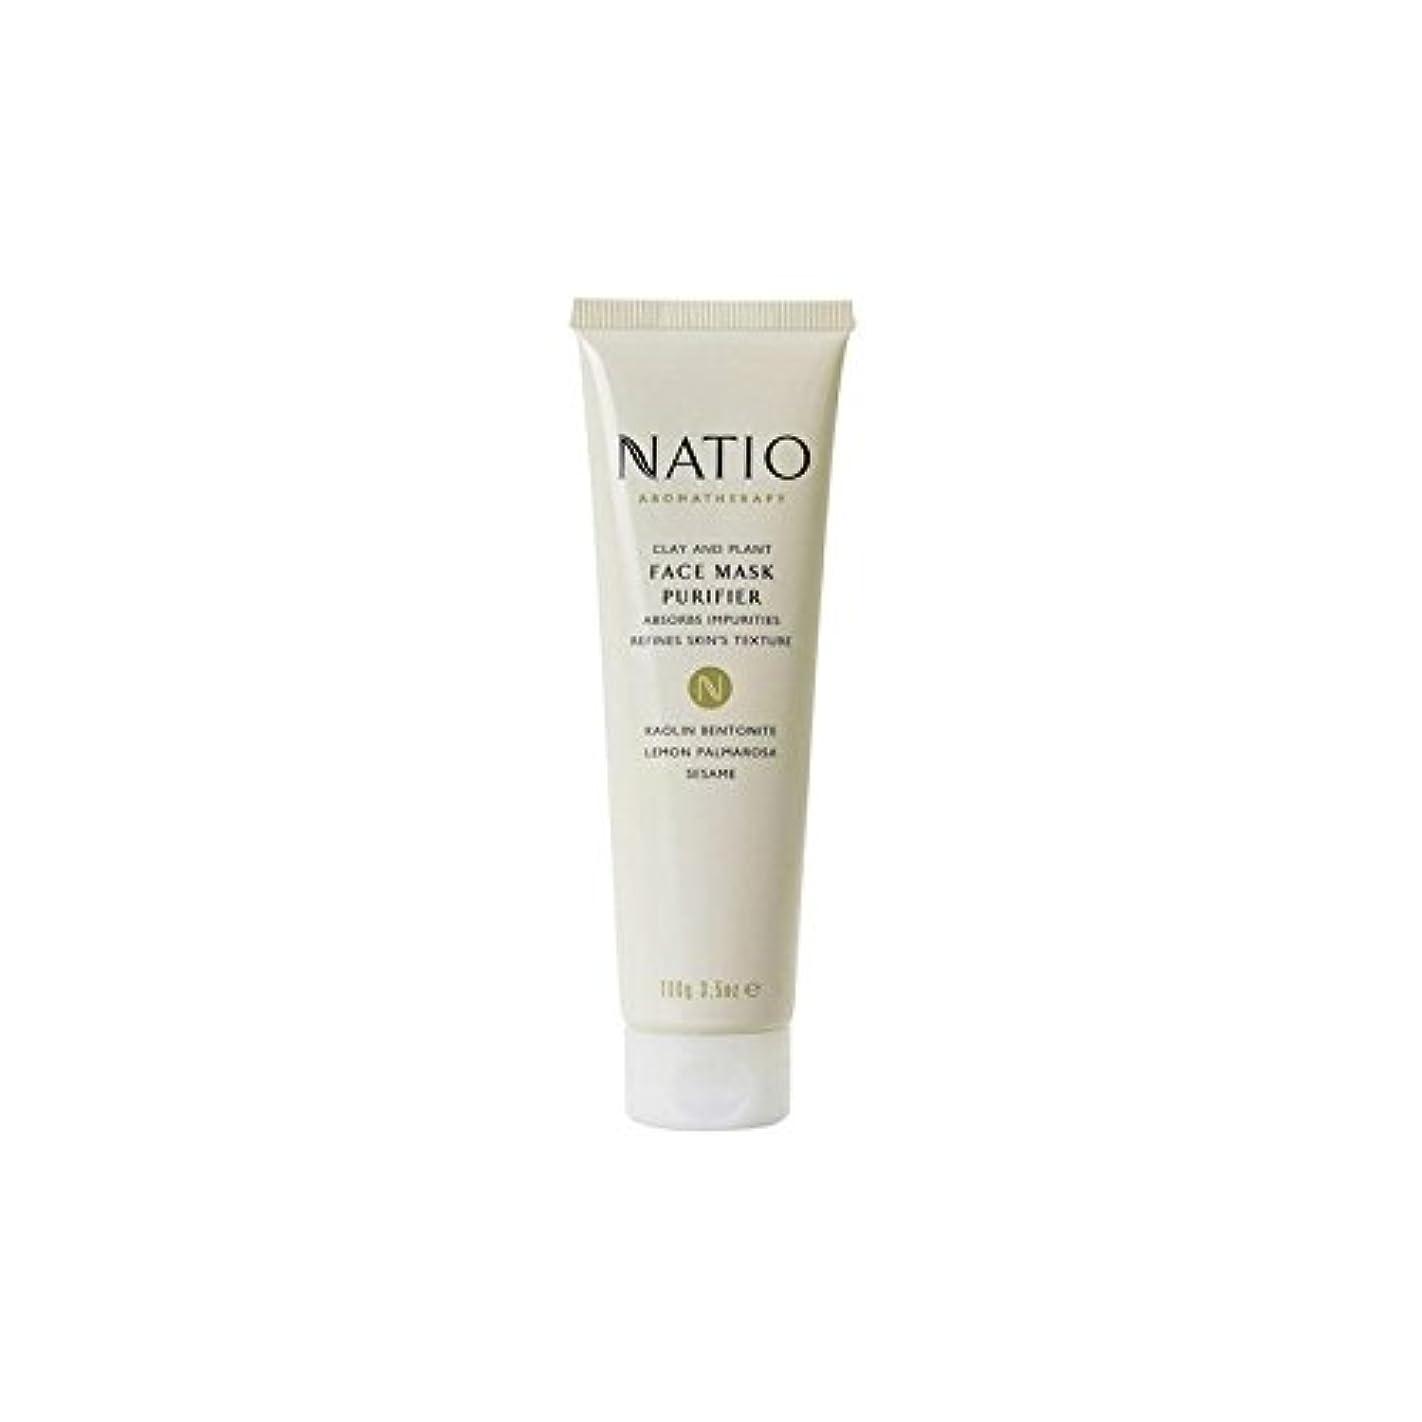 安全性青写真薬Natio Clay & Plant Face Mask Purifier (100G) - 粘土&植物フェイスマスクの浄化(100グラム) [並行輸入品]